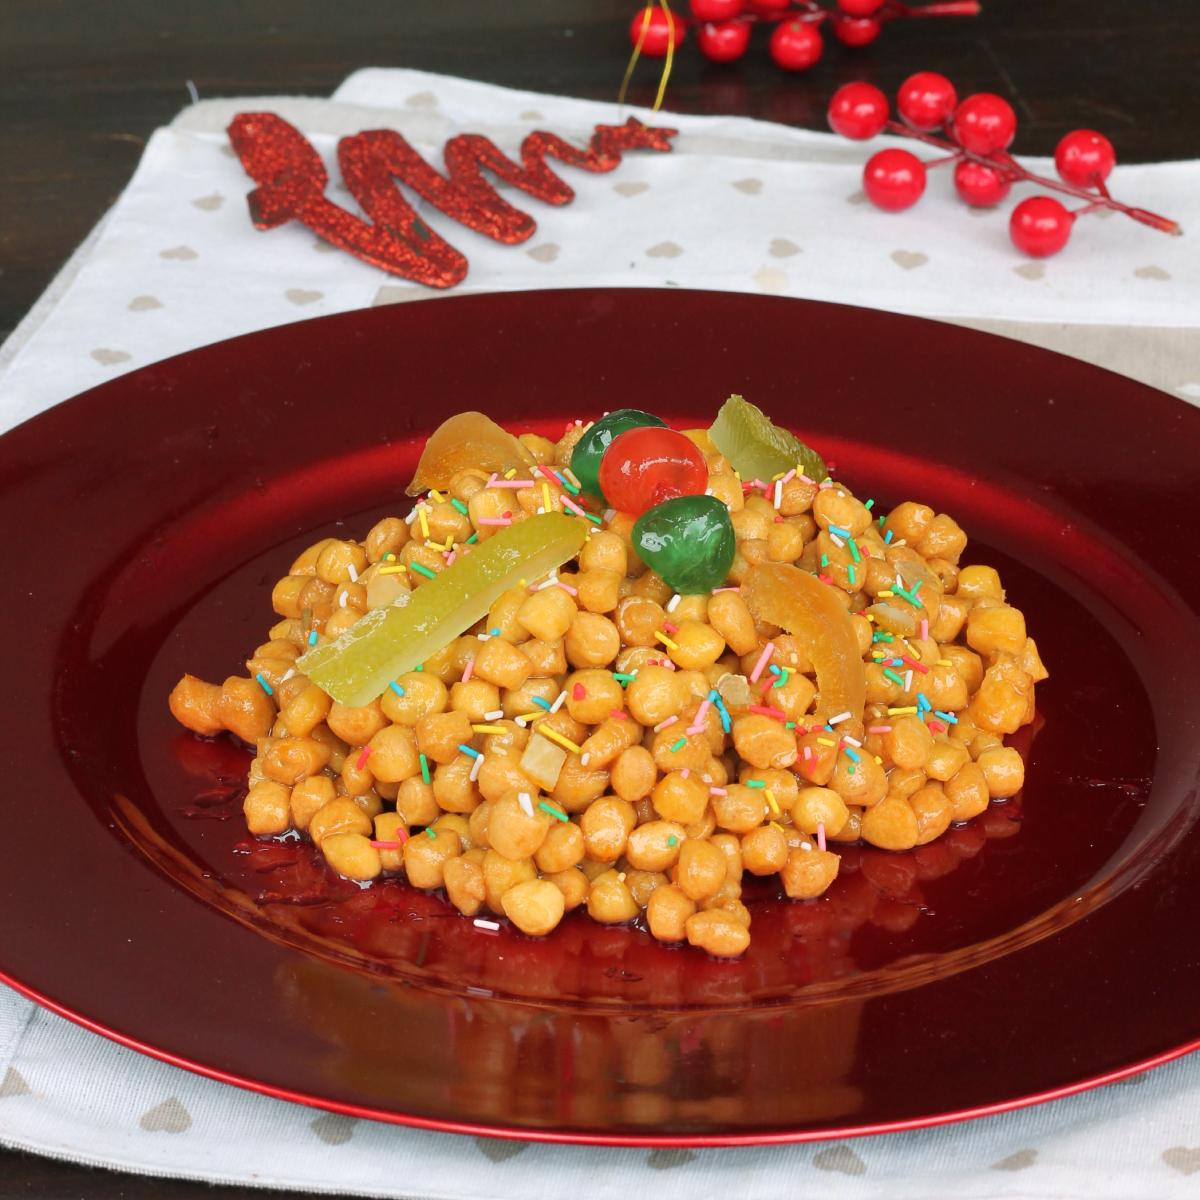 STRUFFOLI DELLA NONNA ricetta antica struffoli napoletani tradizionali